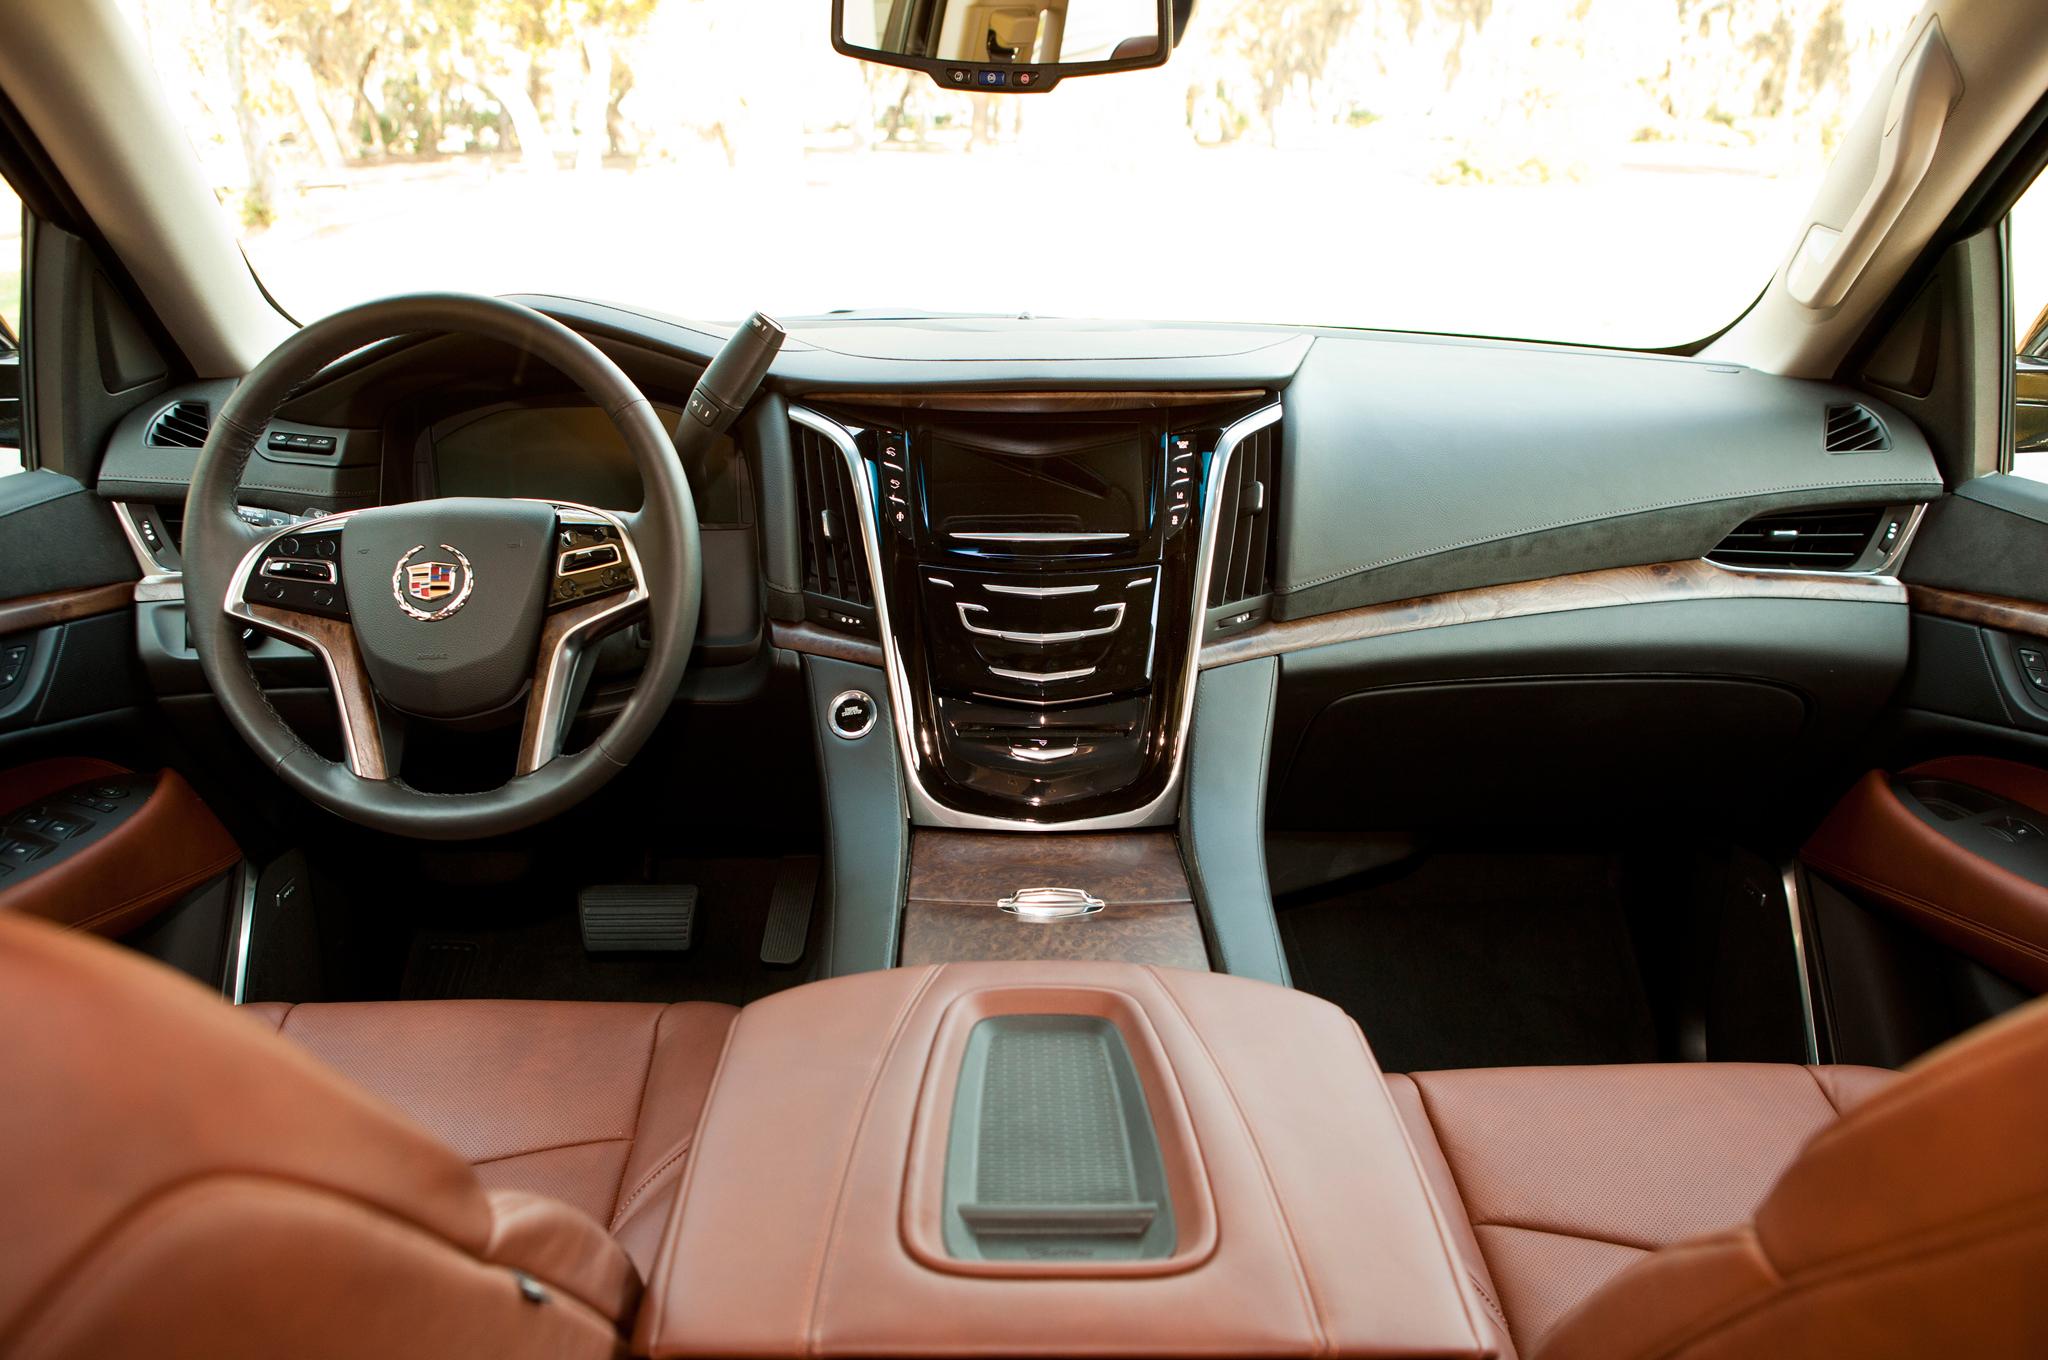 2015 Cadillac Escalade Interior Cockpit View